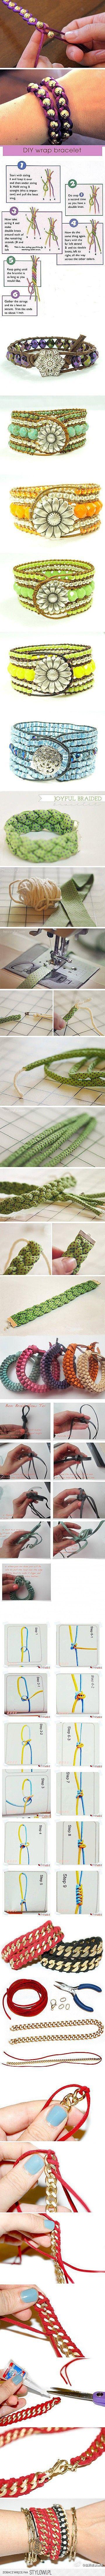 bracelets - free patterns